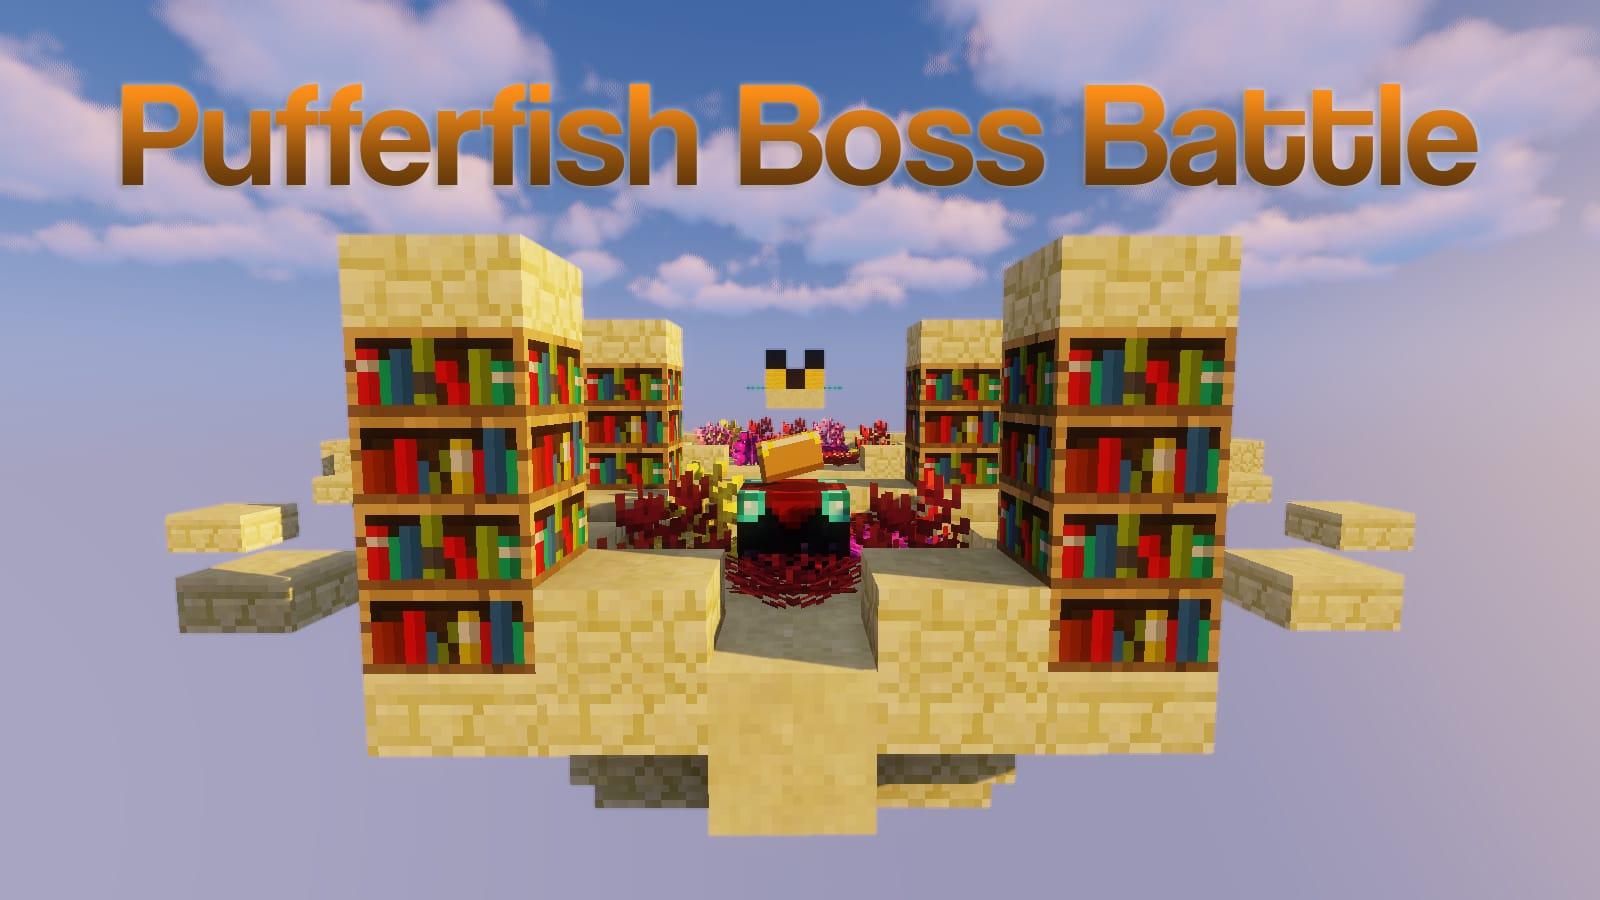 Pufferfish Boss Battle Map Thumbnail